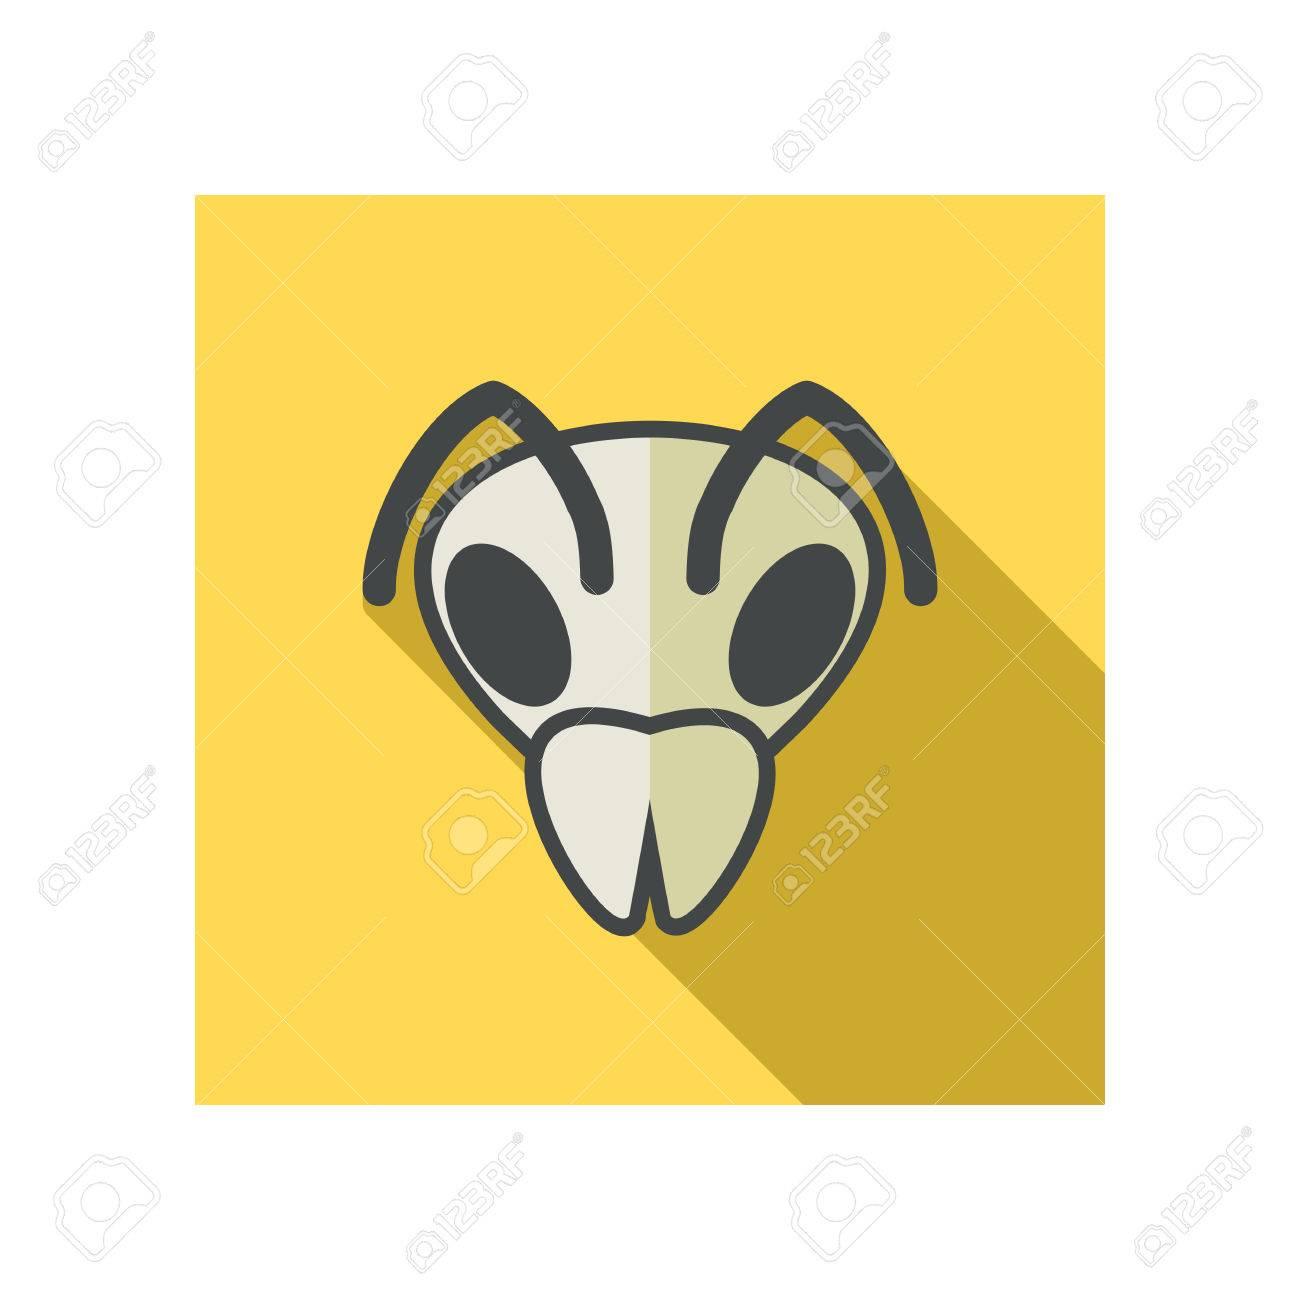 Bee wasp bumblebee flat icon animal head vector symbol eps 10 animal head vector symbol eps 10 stock vector 54426053 biocorpaavc